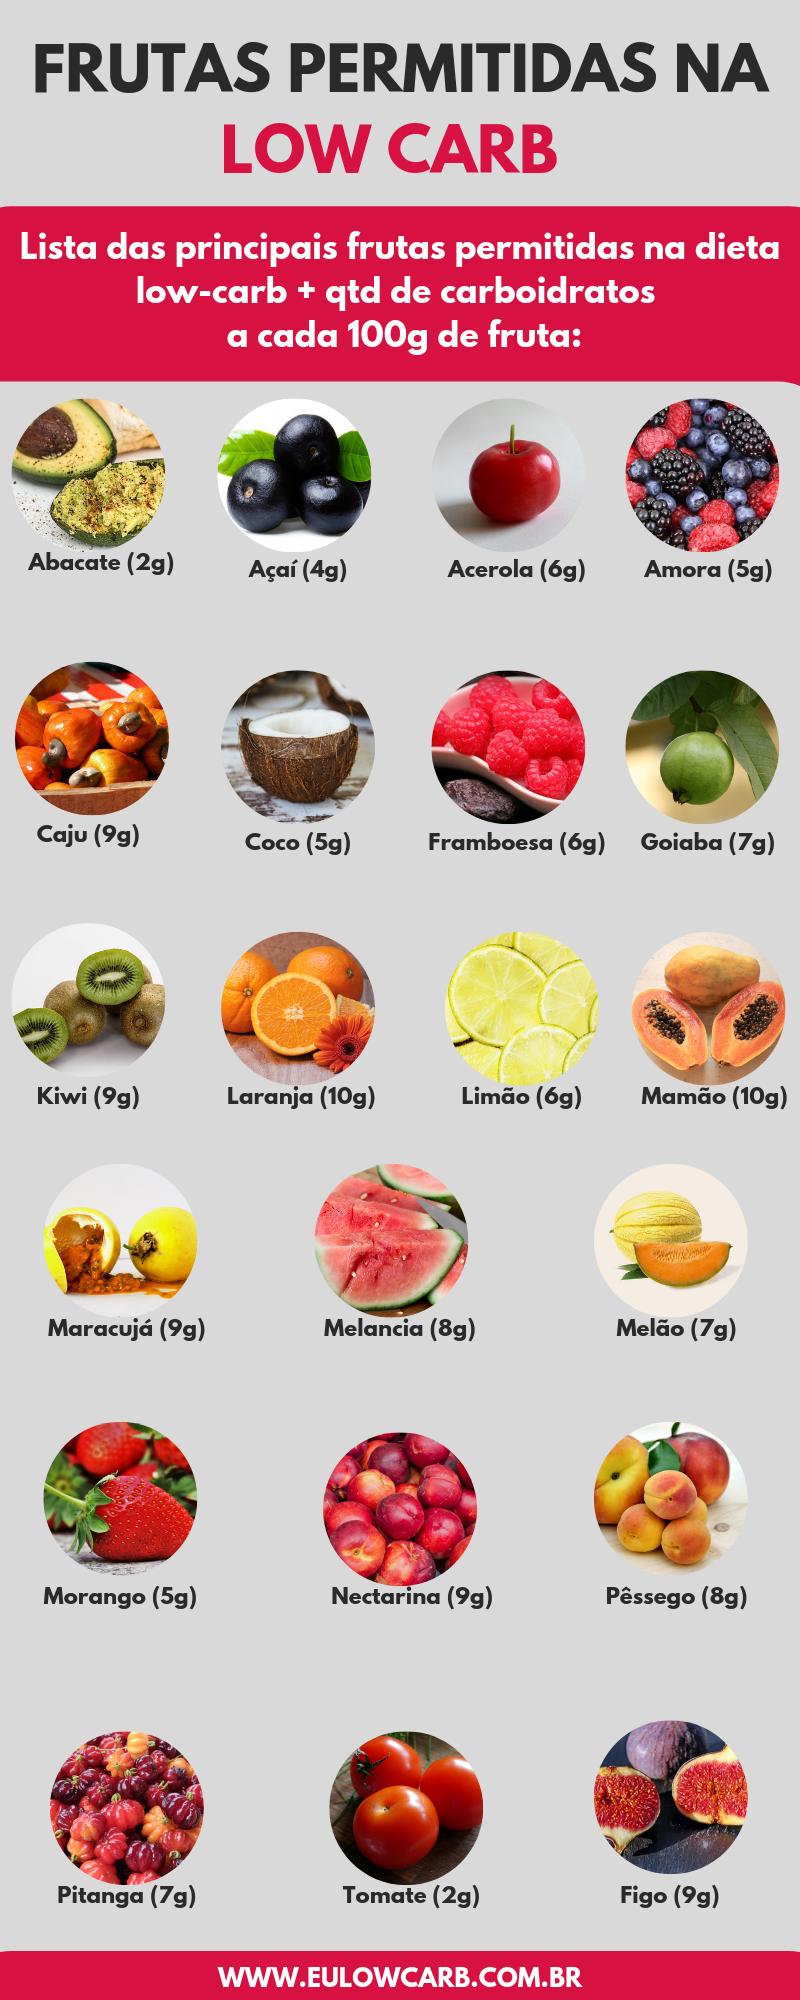 Dieta cetogenica cardapio frutas permitidas